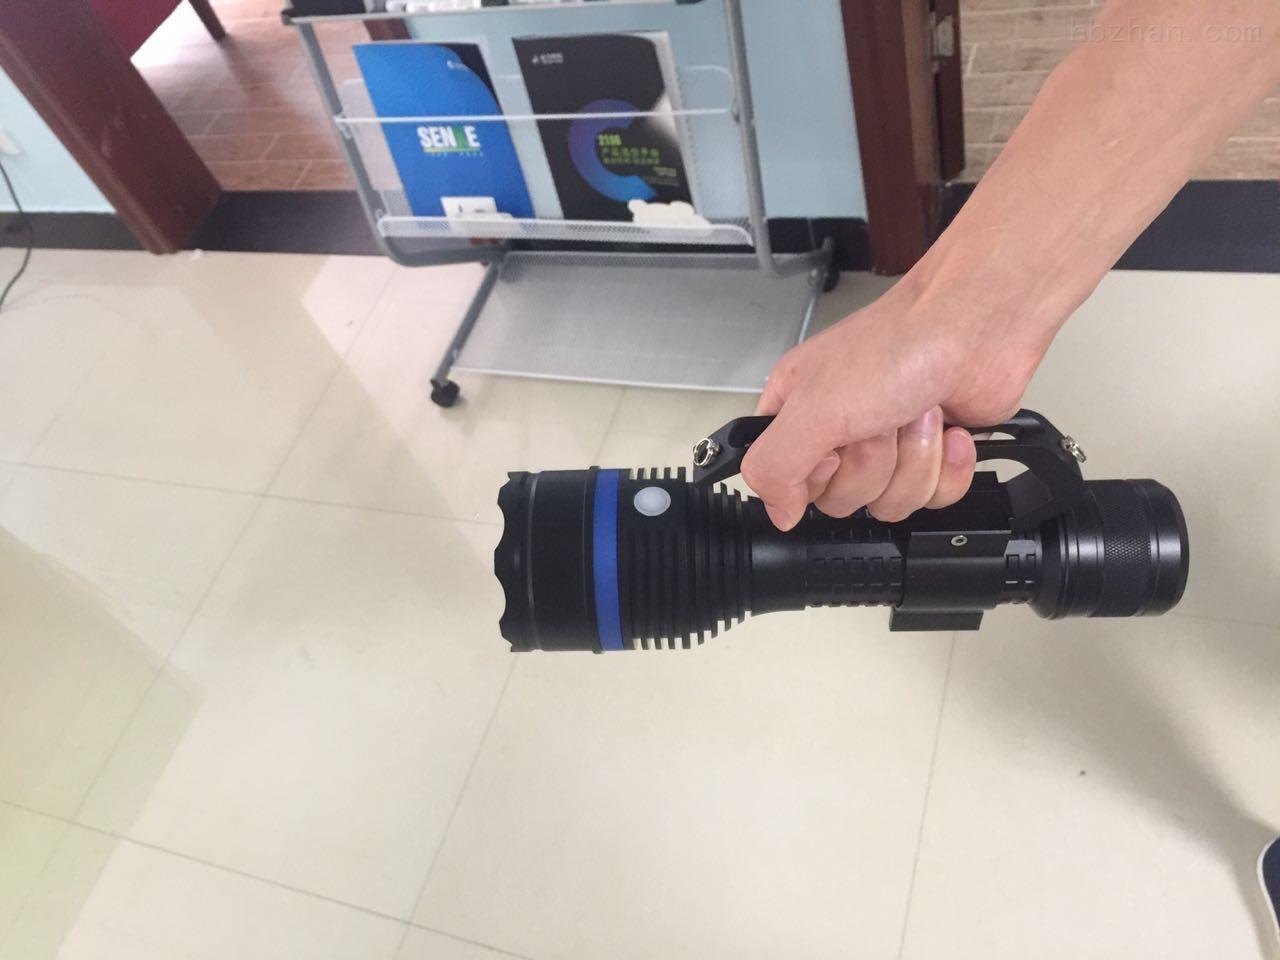 防爆灯 乐清市光莱照明电器有限公司 手提式防爆探照灯 > 海洋王rjw7